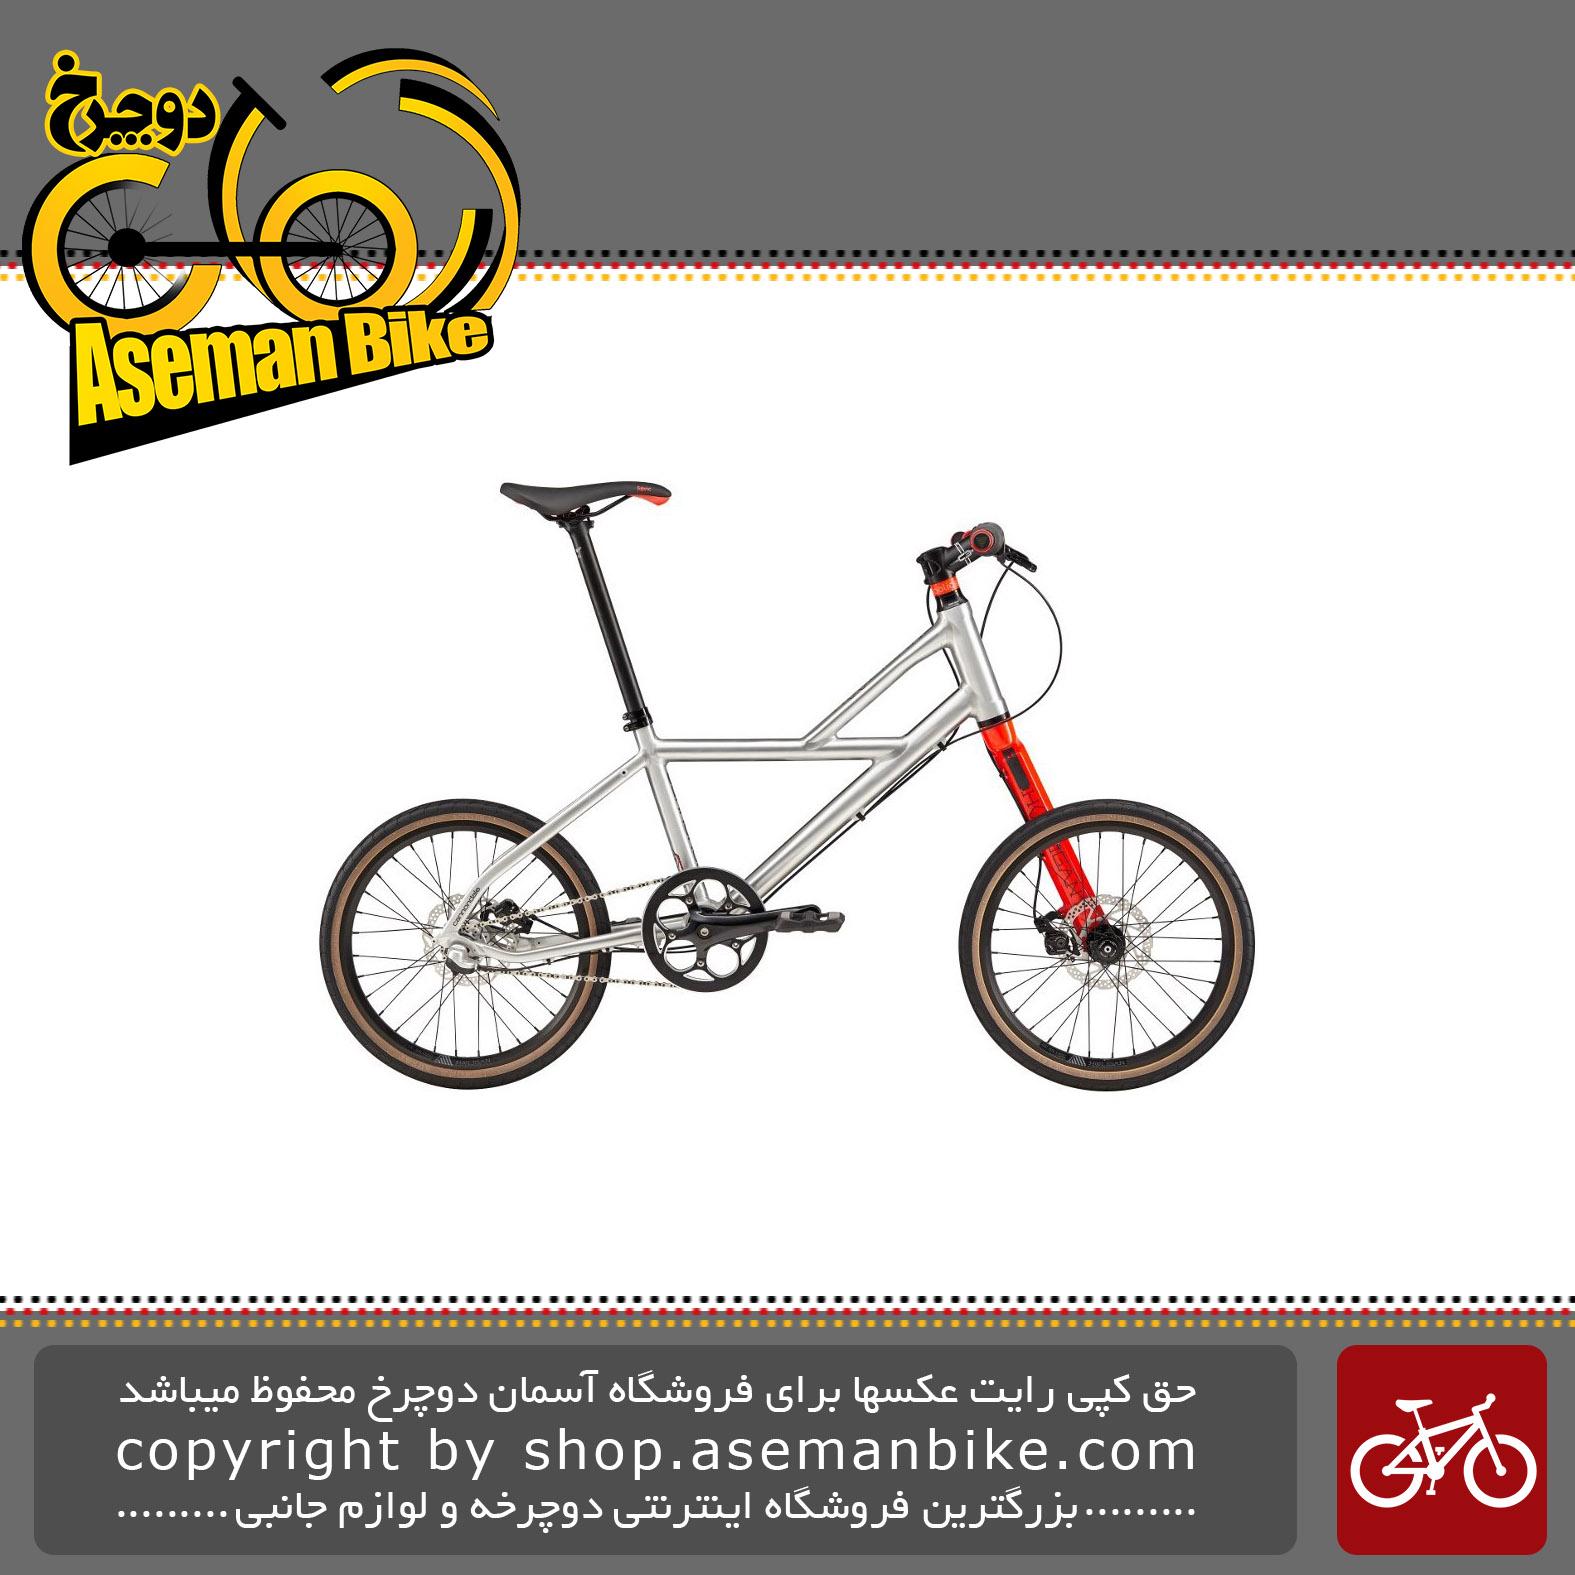 """دوچرخه فیتنس کنندل هولیگان 1 20 اینچ 2018 Cannondale HOOLIGAN 1 20"""" Urbanbike - 2018"""